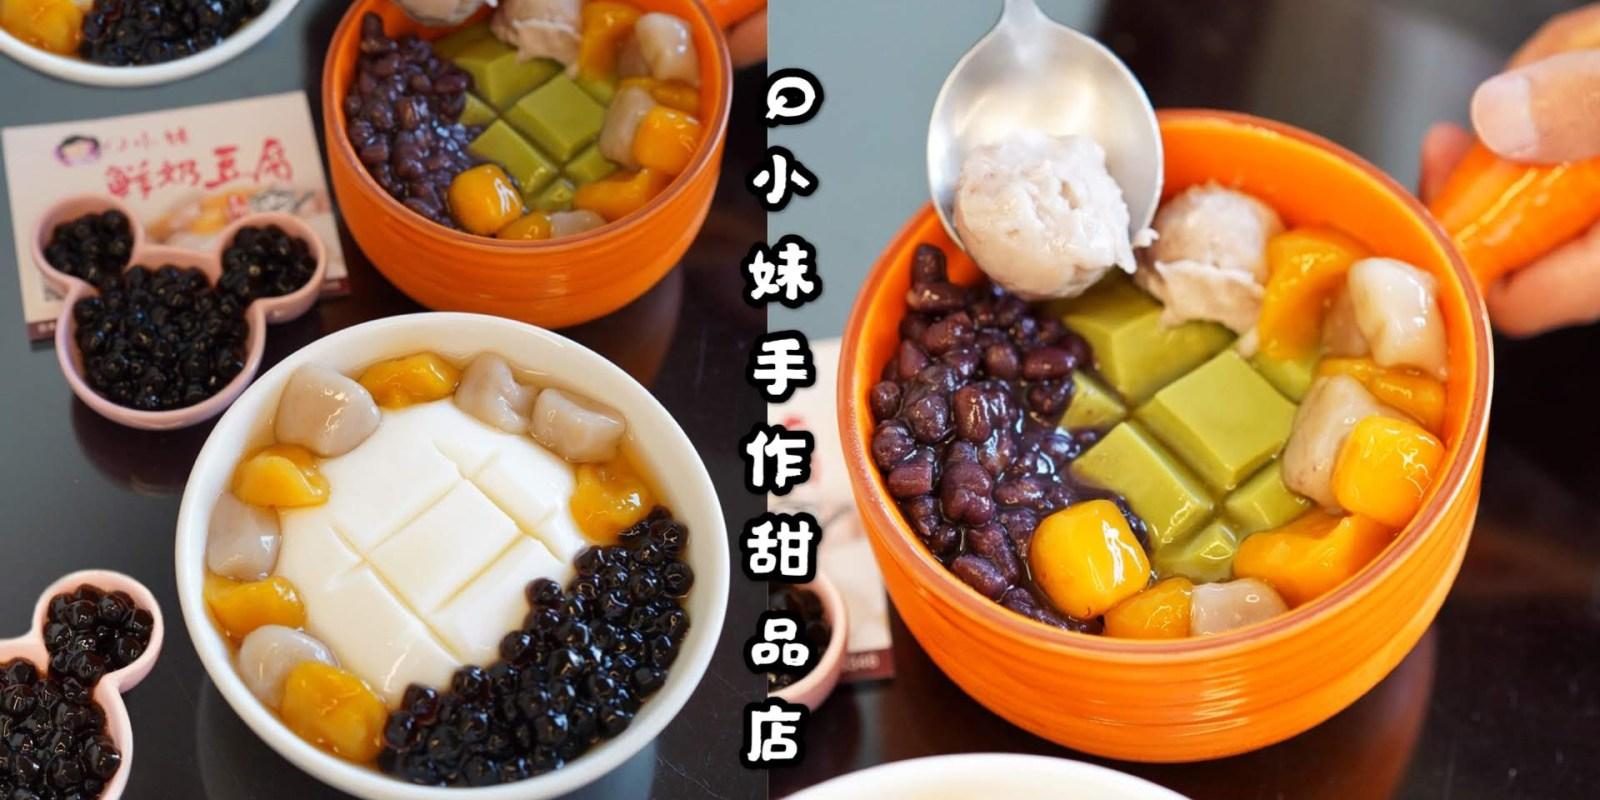 【苗栗美食】頭份新開幕『Q小妹手作甜品店』主打手作豆腐冰、豆花、雙Q,價格平實選擇又多!